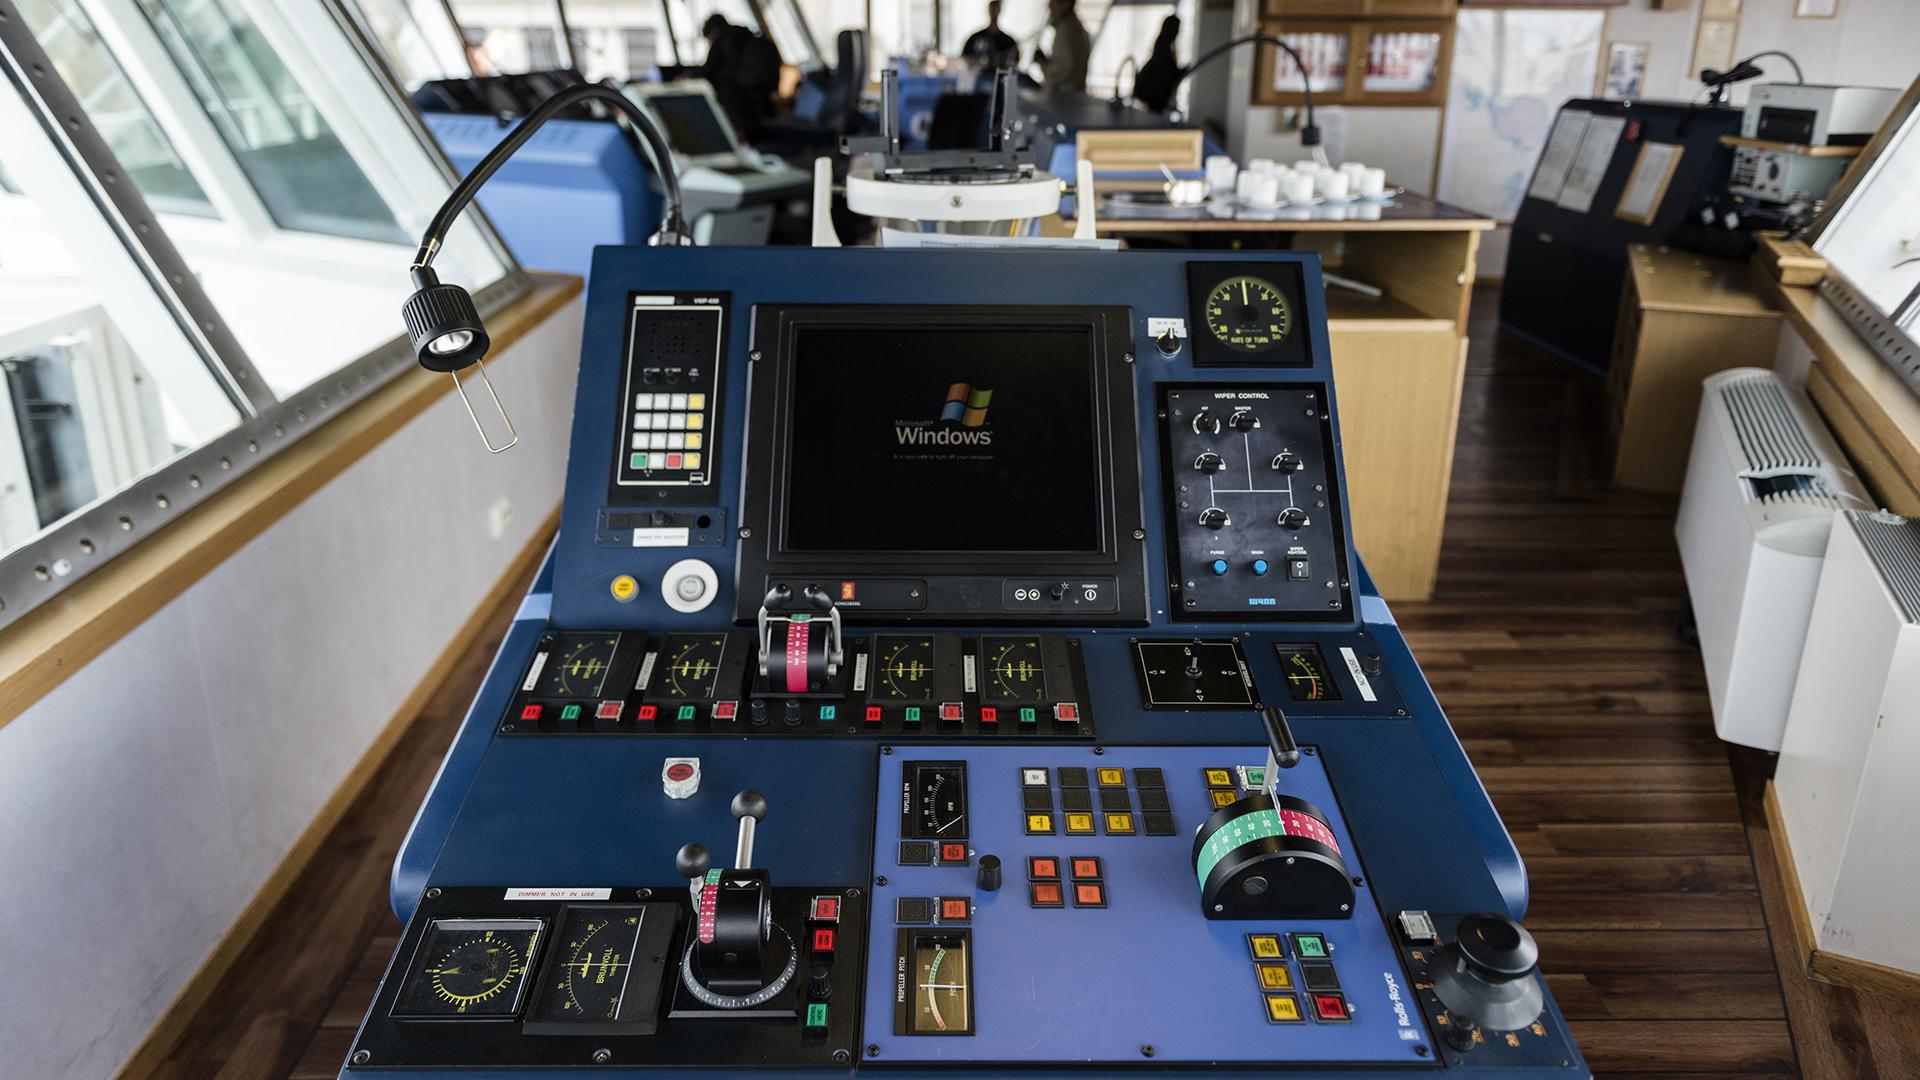 El HMS Protector fue construido en Noruega en el año 2001 y fue adquirido por la Royal Navy una década después, en 2011